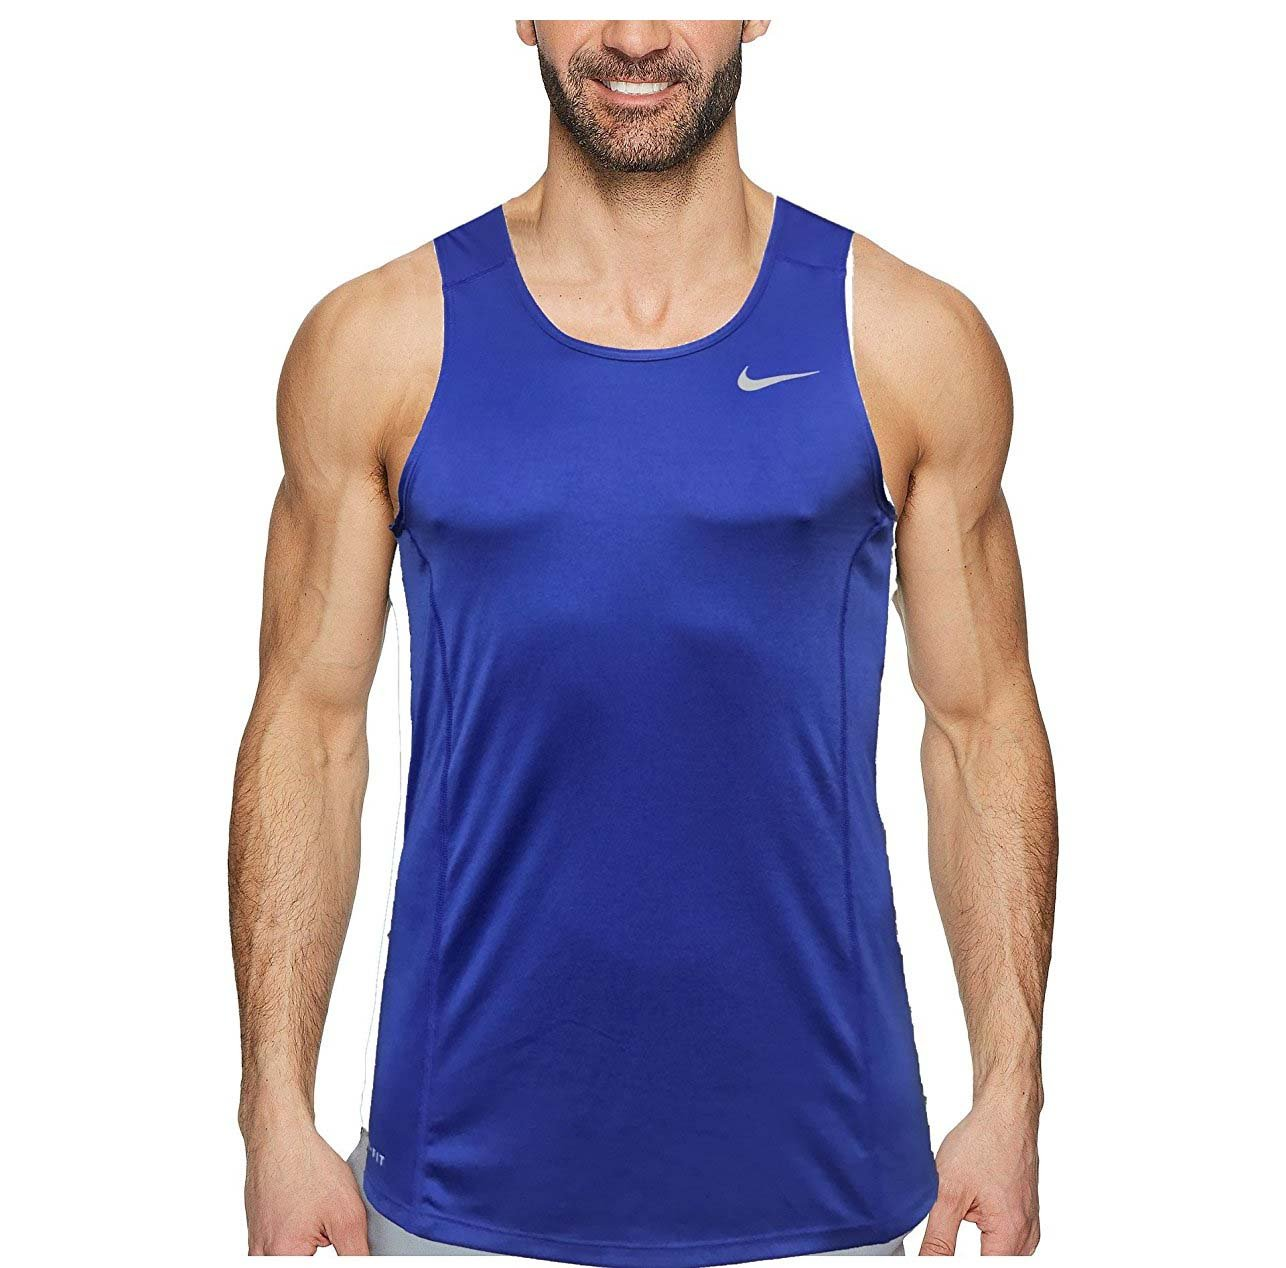 NIKE Dry Dri Fit Miller Tank Top Men's Sleeveless Running Shirt (X-Large, Paramount Blue)